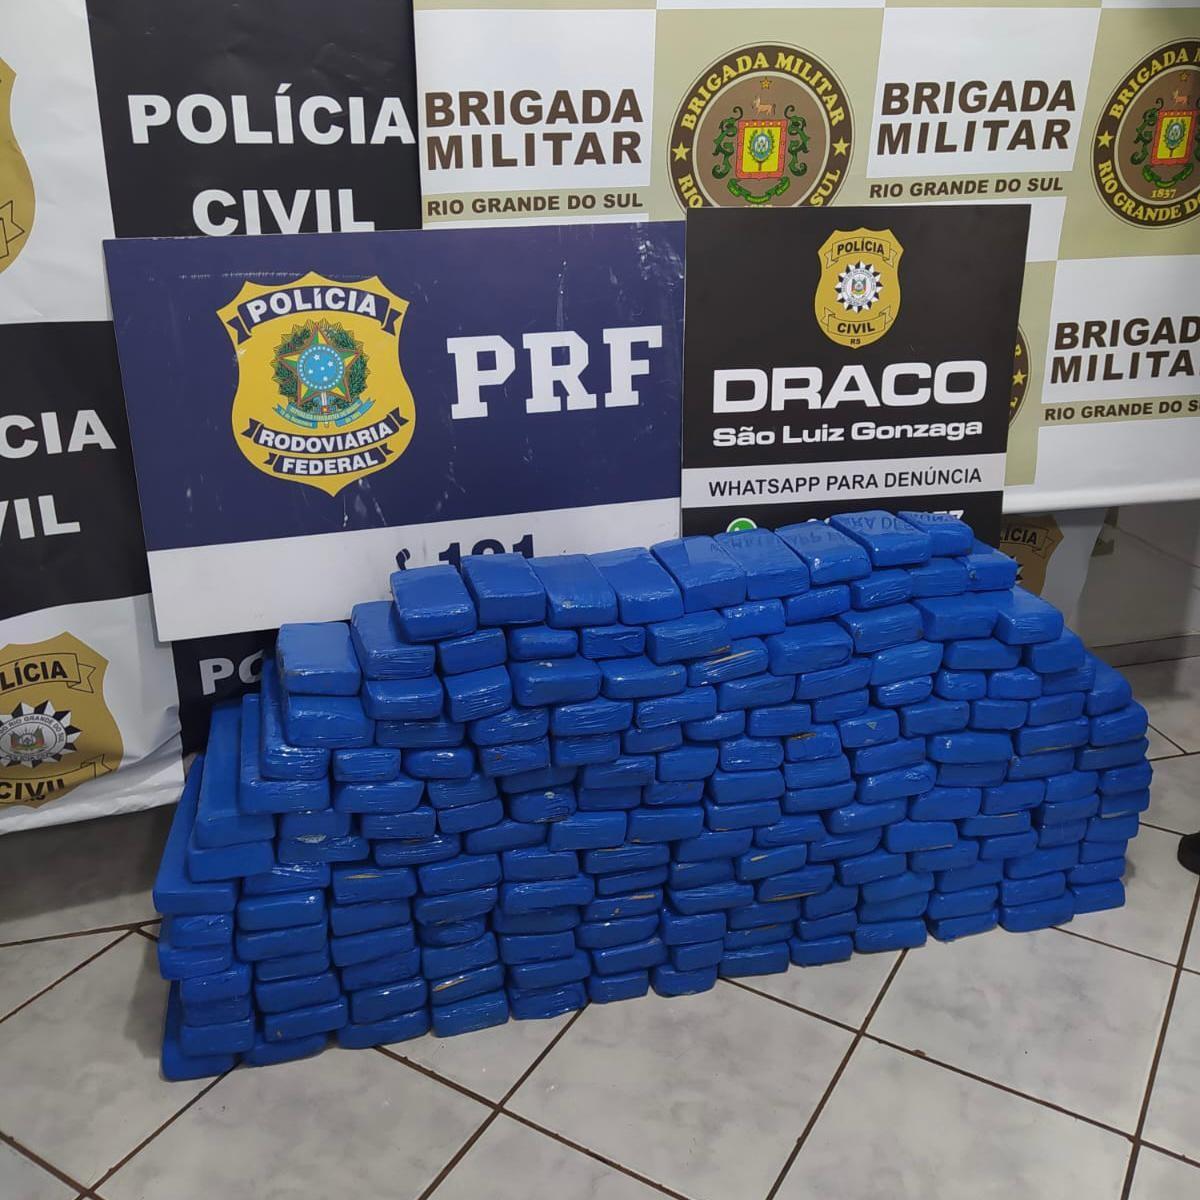 Suspeitos são presos com drogas, motocicleta furtada e dinheiro falso em São Luiz Gonzaga, diz PRF